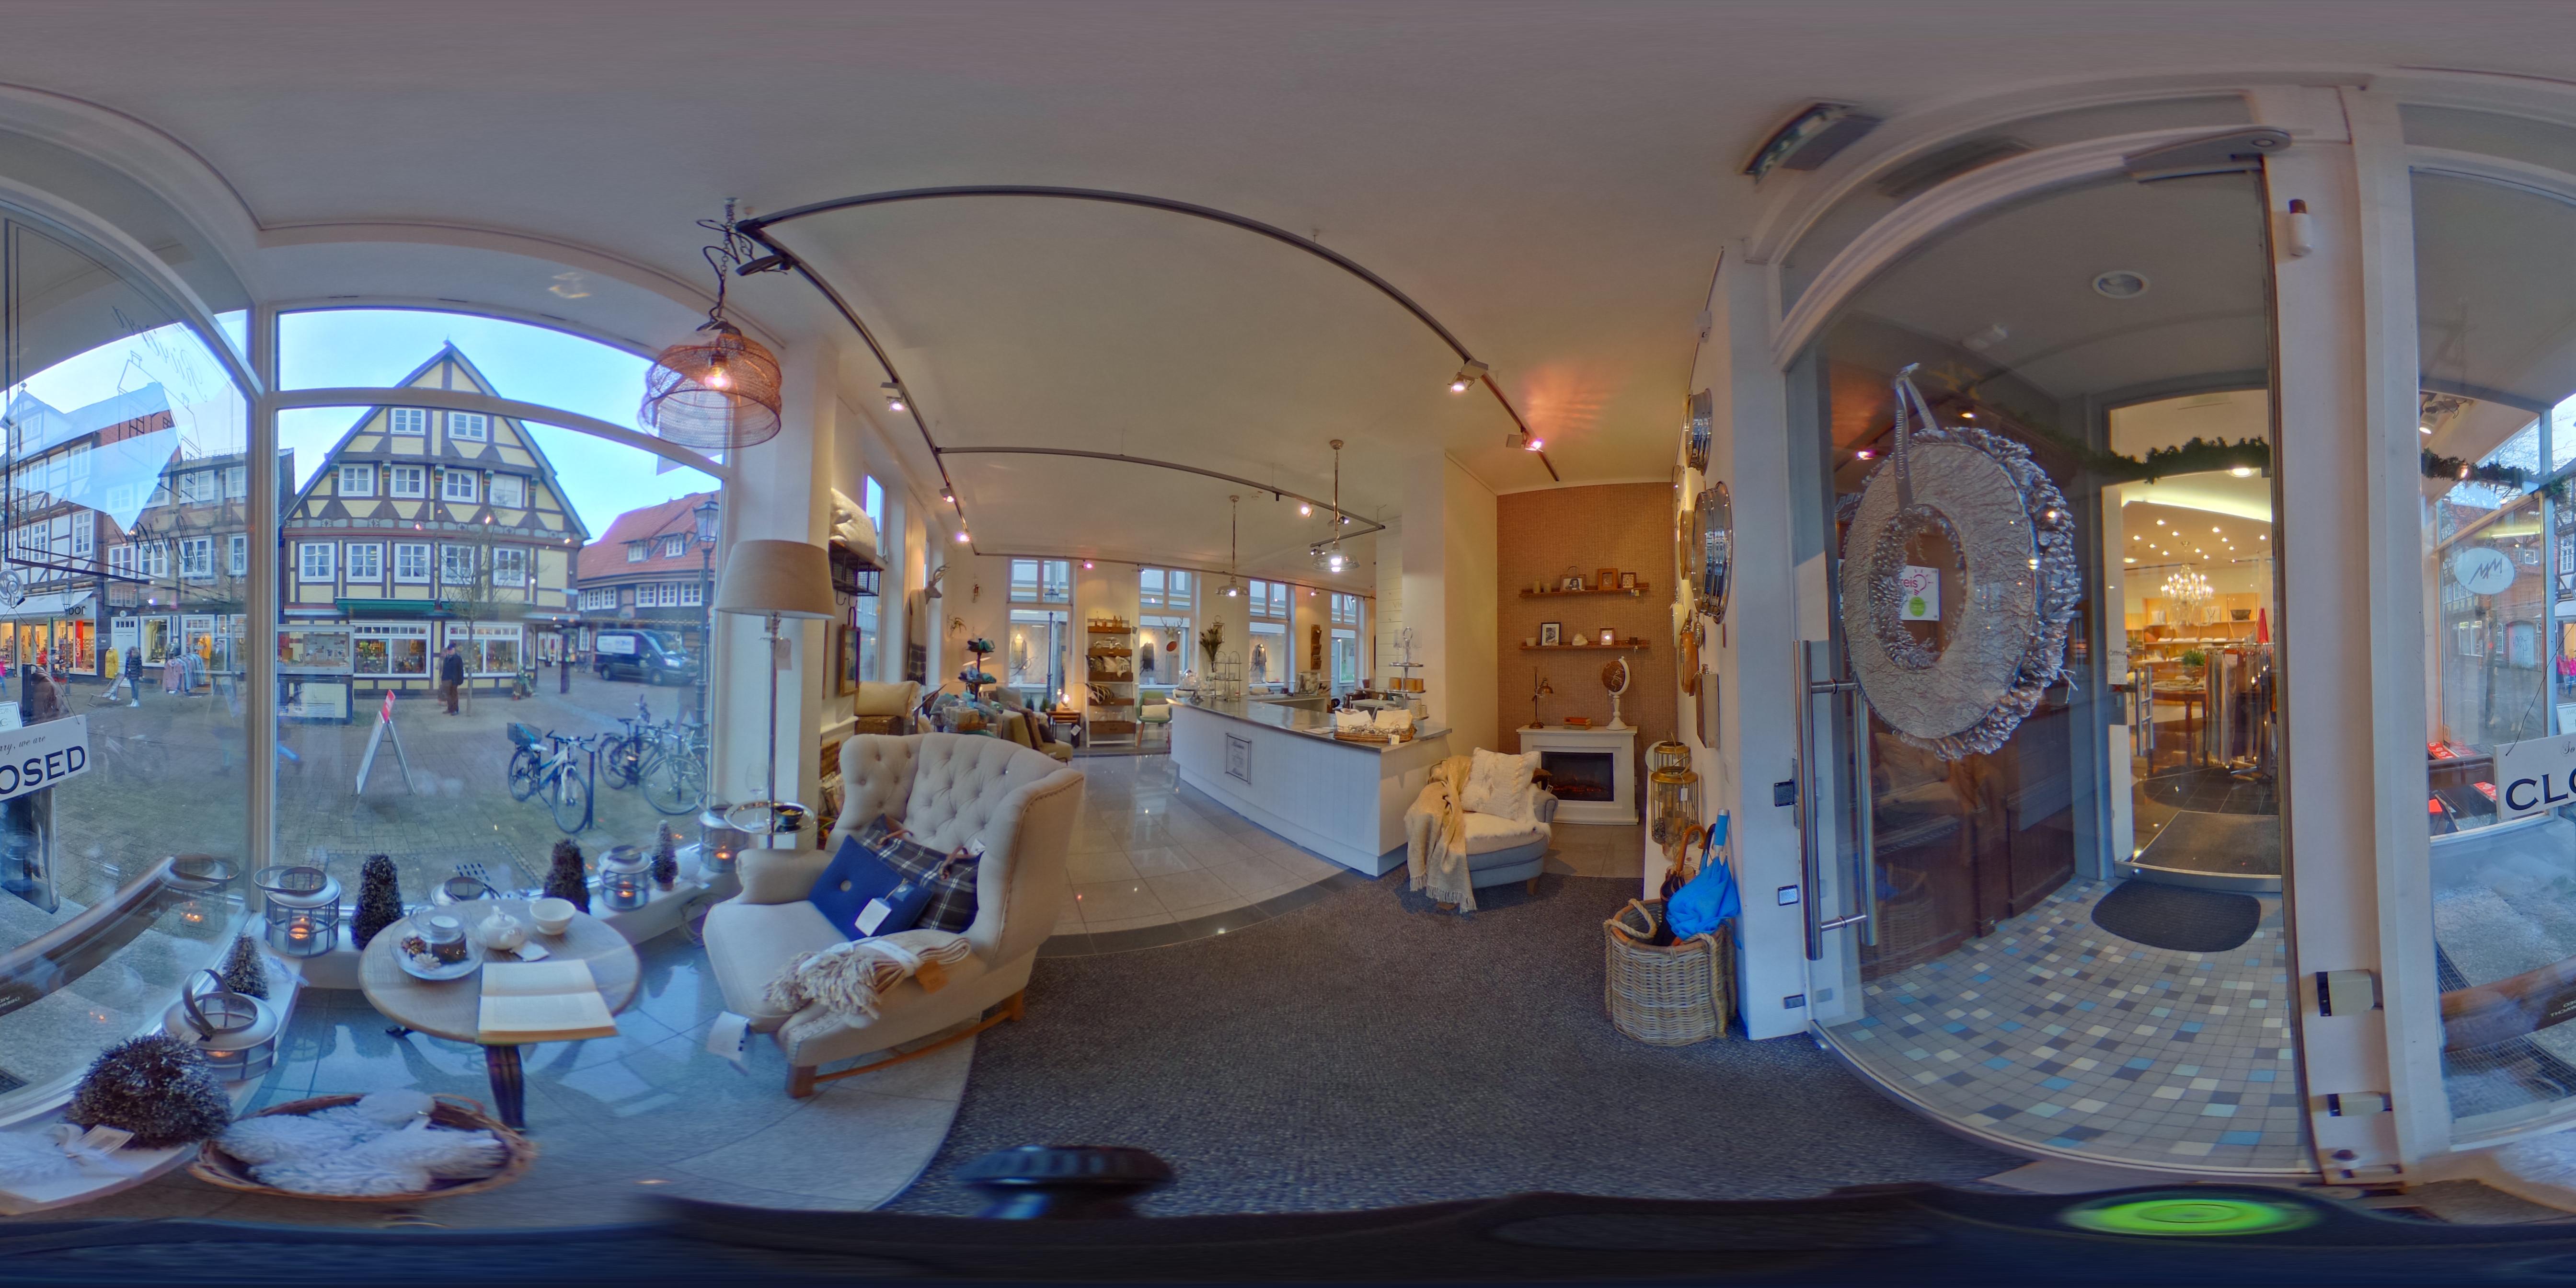 Virtueller Rundgang vierwände, Mauernstraße 47, Celle-Altstadt - Januar 2018